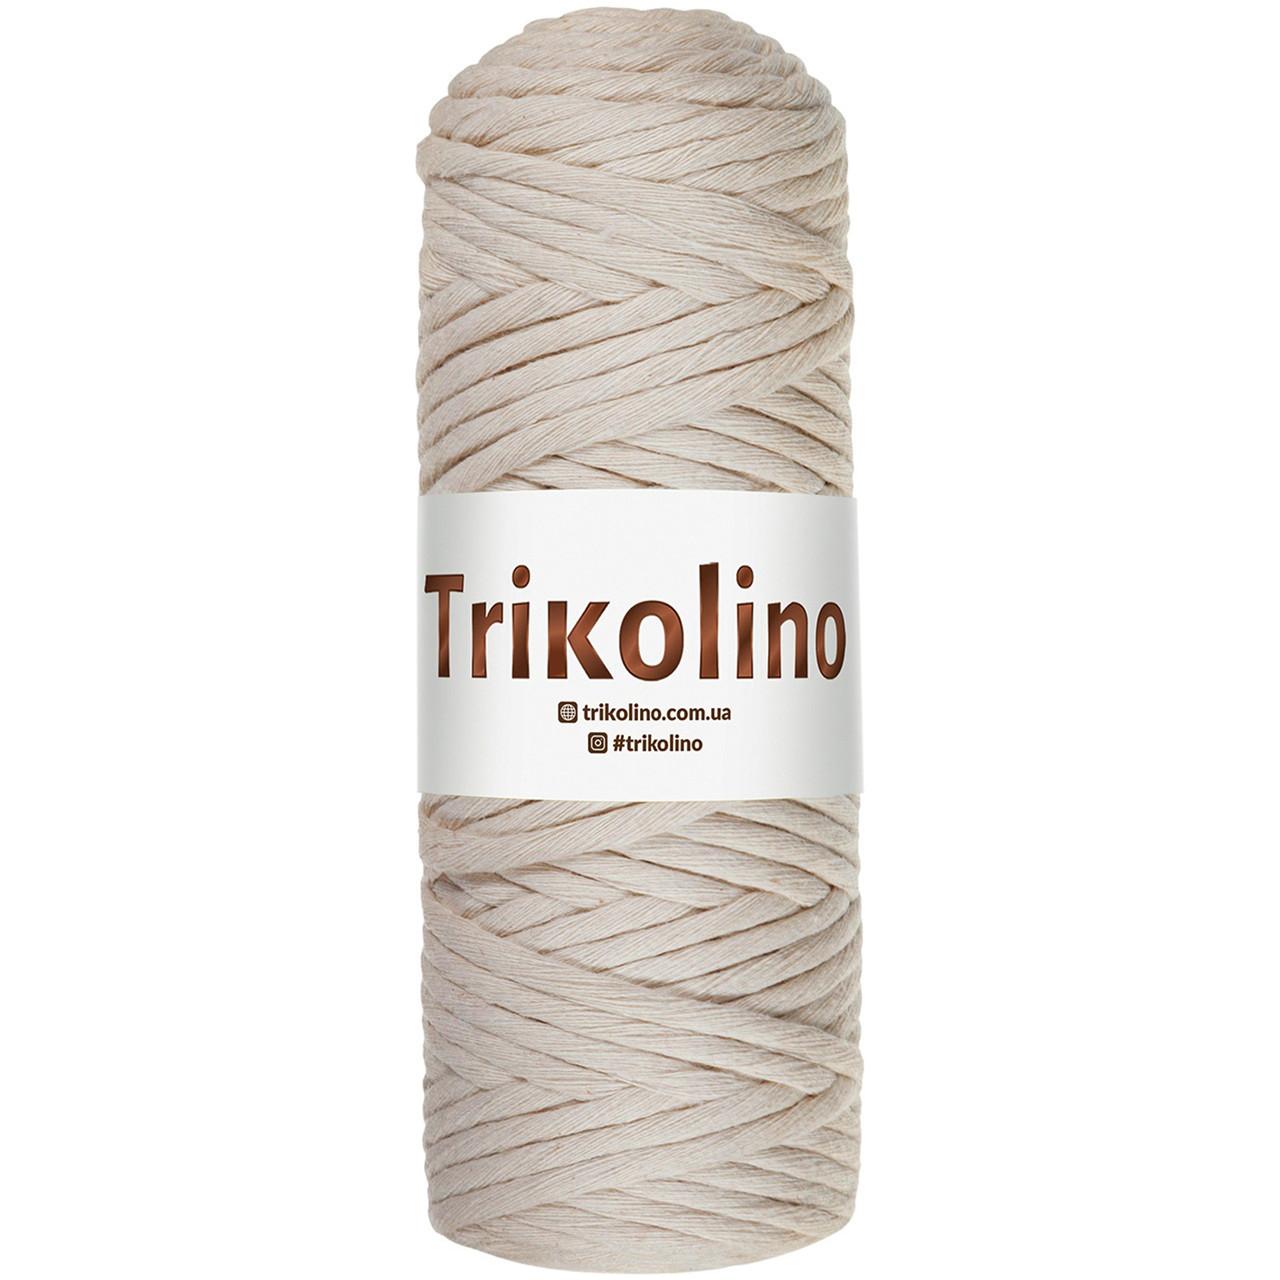 Шнур для макраме Trikolino Топленое молоко 4-6мм